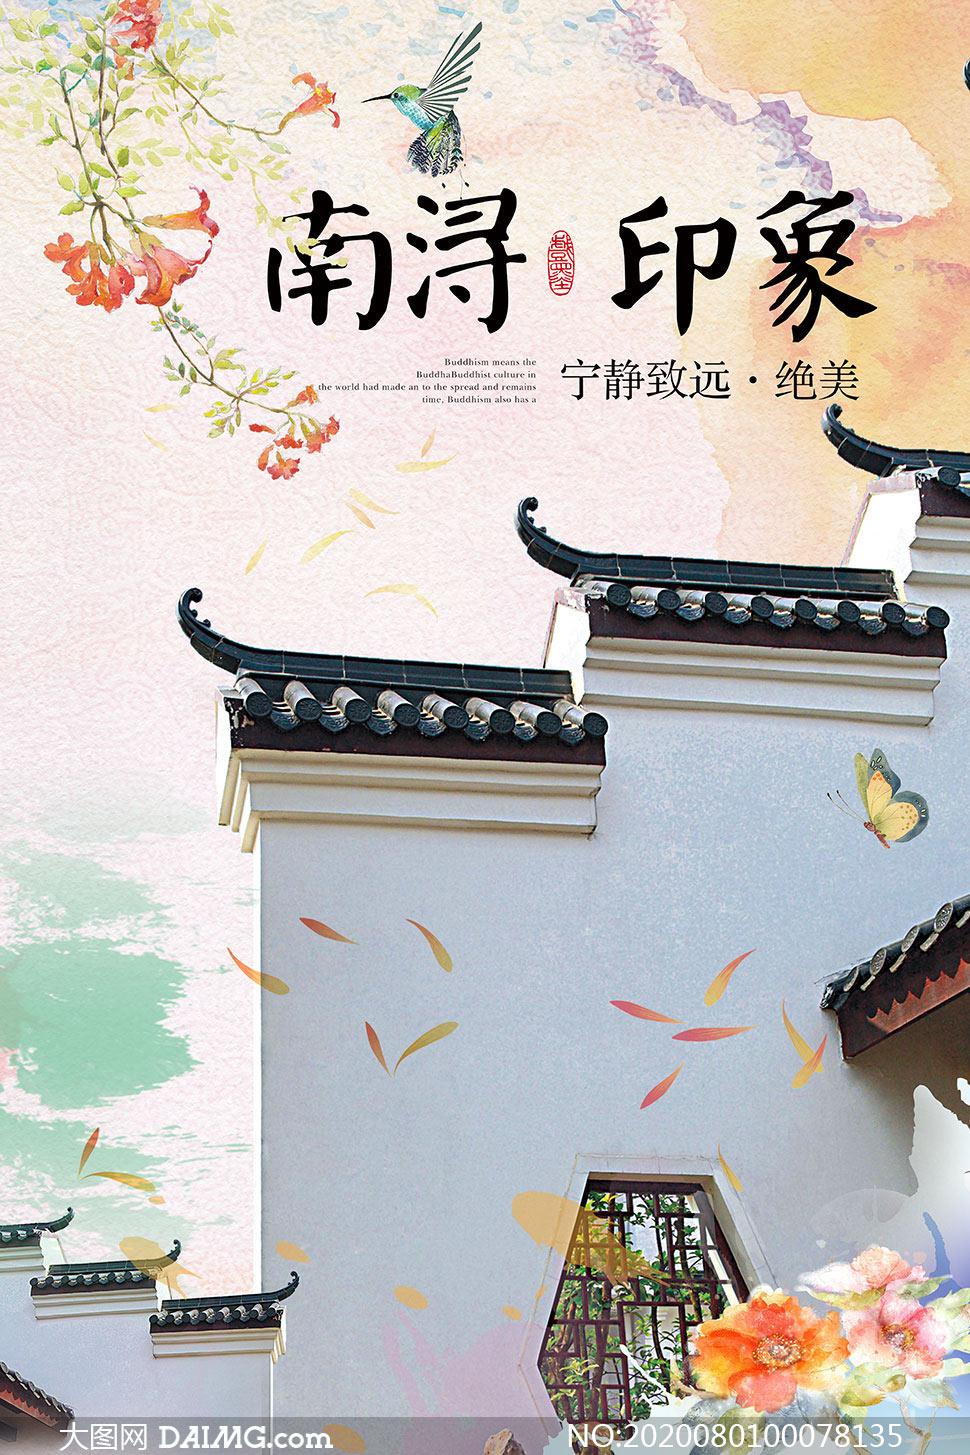 南浔古镇旅游宣传单设计PSD素材